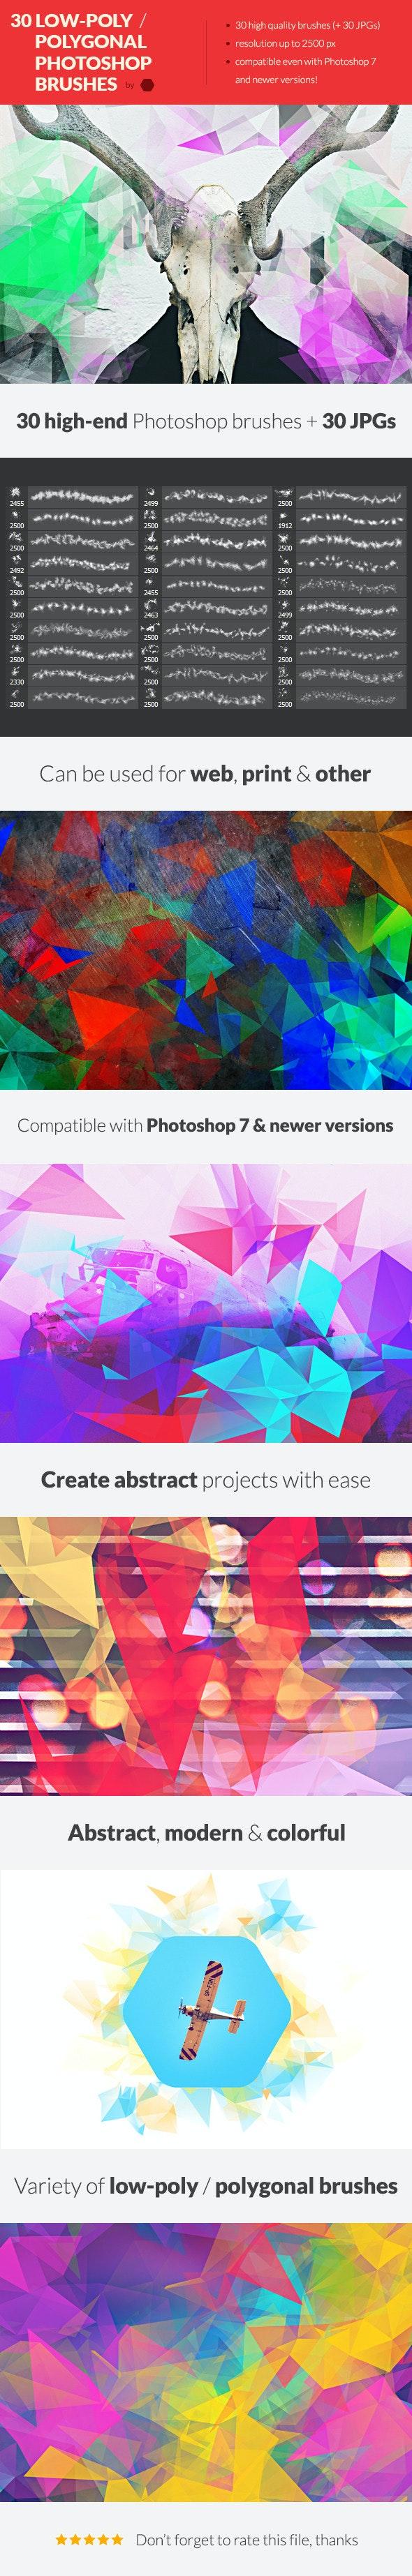 30 Low-Poly / Polygonal Photoshop Brushes #2 - Brushes Photoshop